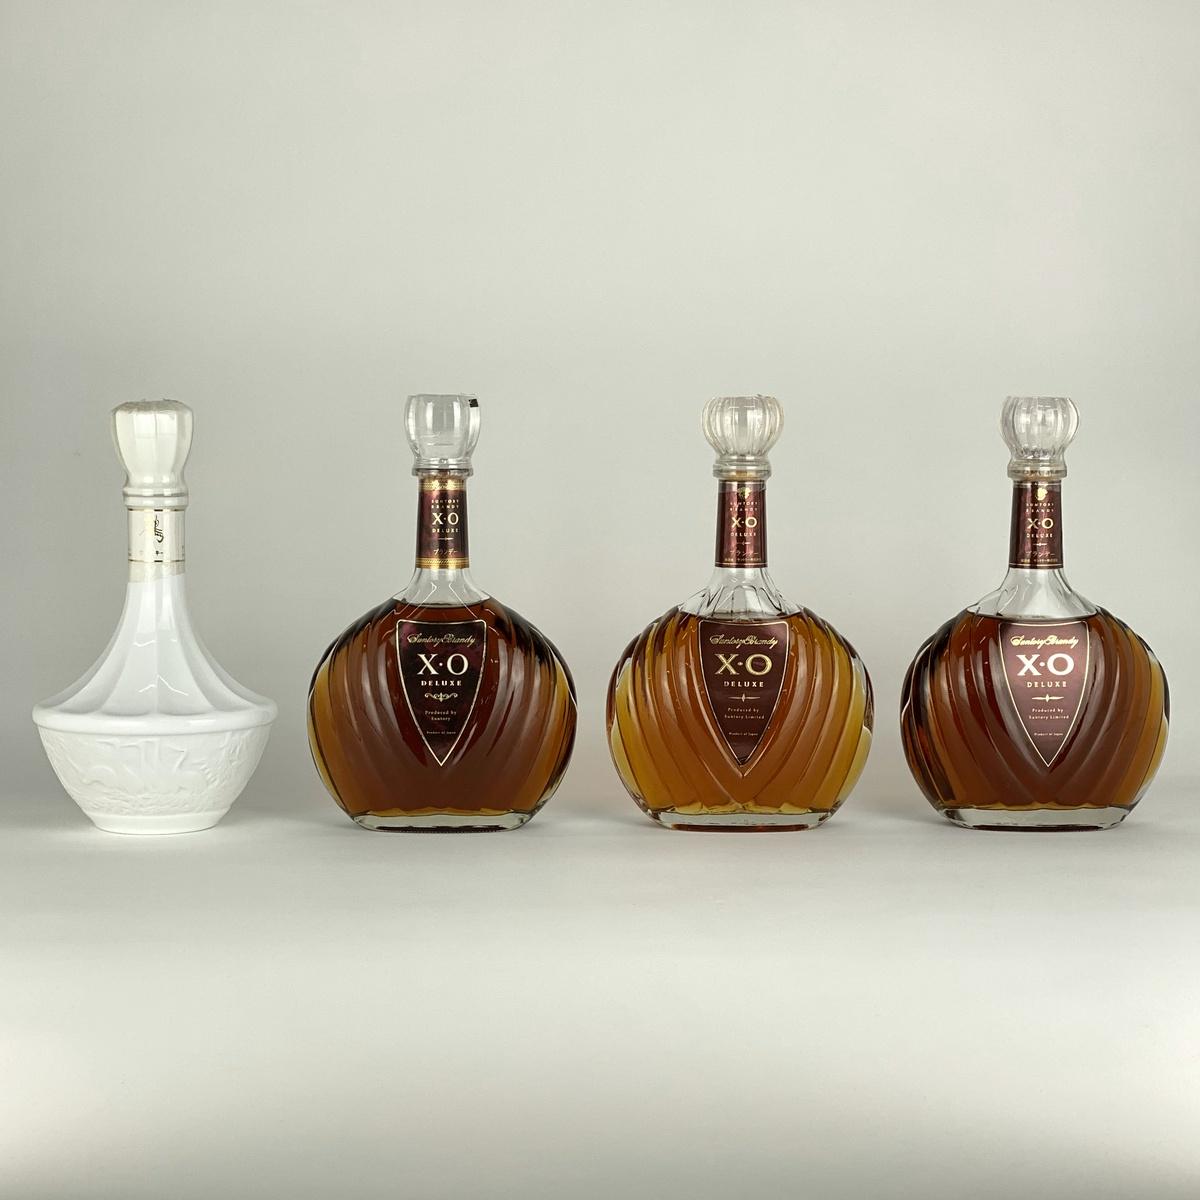 【東京都内限定】サントリー SUNTORY XO デラックス NIKKA 鶴 白陶器 4本セット 国産ウイスキー 【古酒】